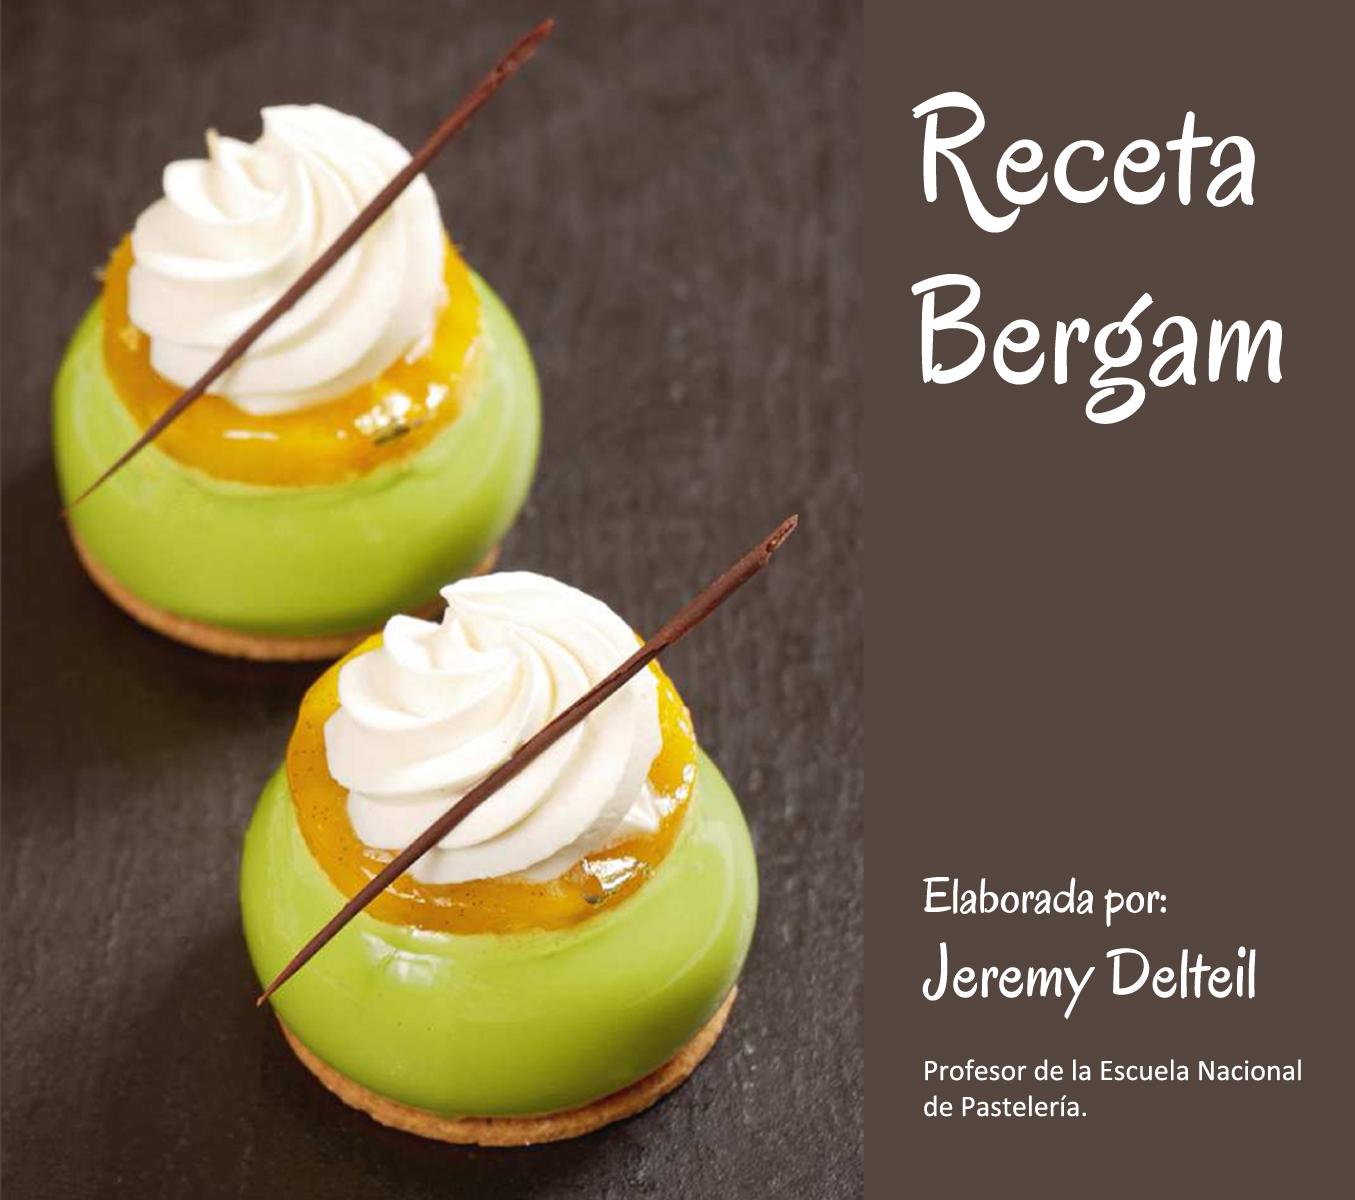 Receta-pasteleria-pures